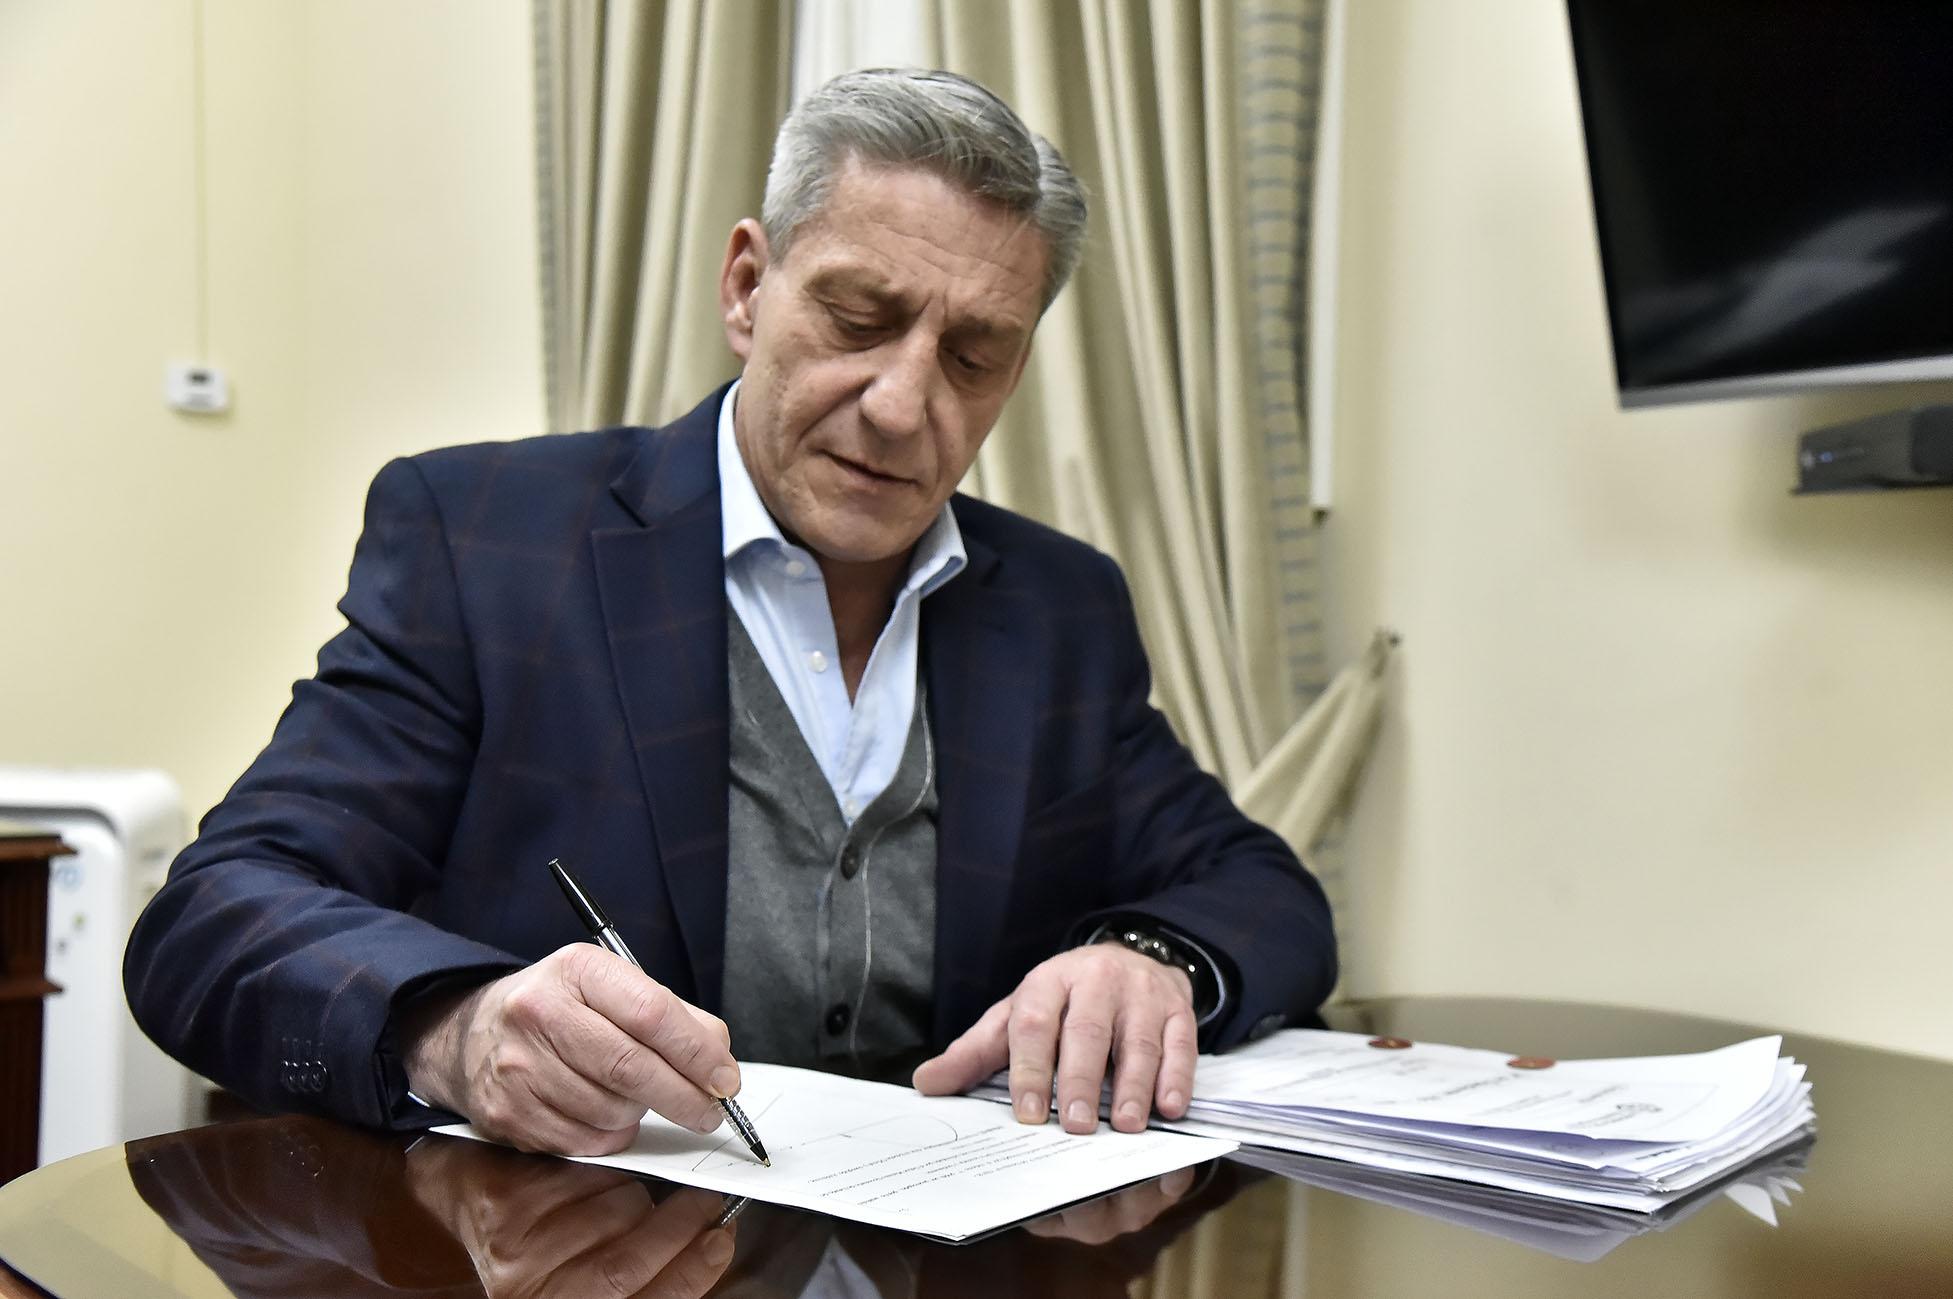 El Gobierno del Chubut busca tomar deuda de $ 1.000 millones para financiar obras públicas en toda la Provincia y reactivar el empleo